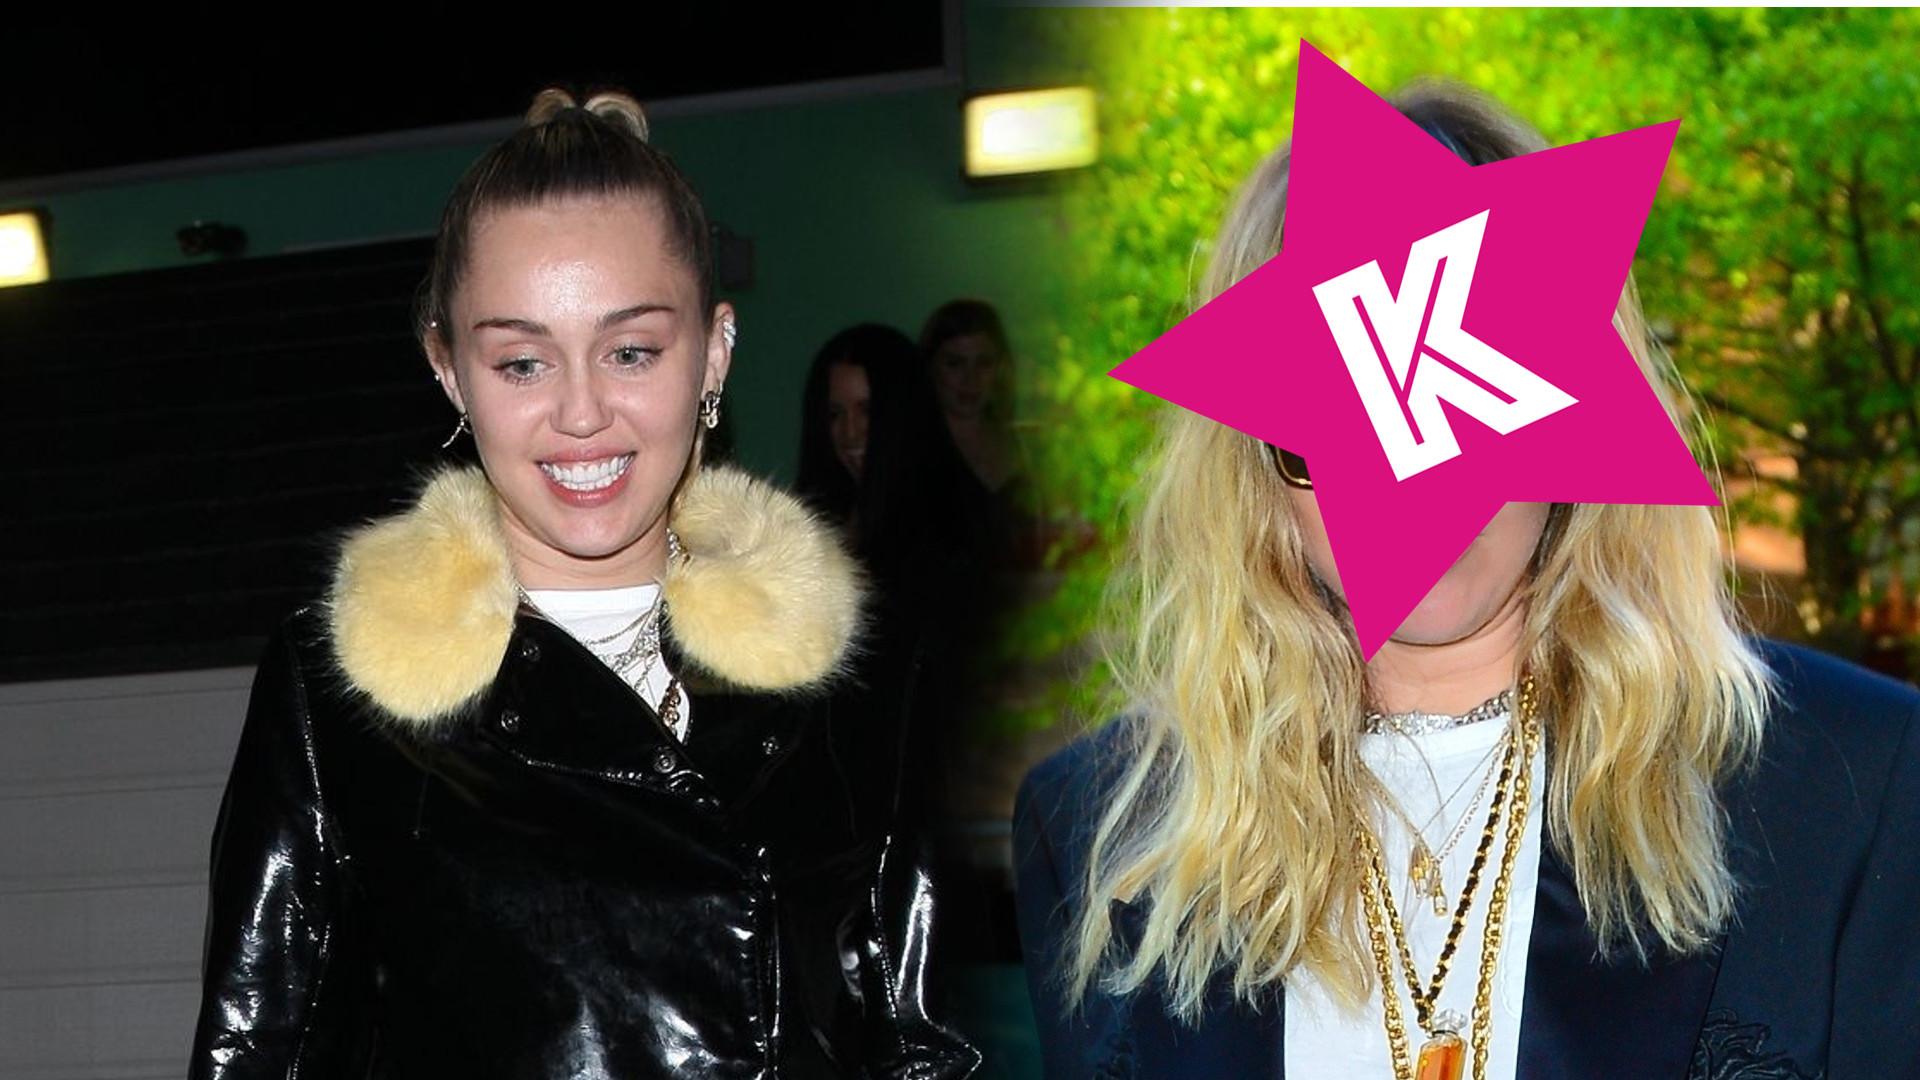 Ścięta na prosto GRZYWKA Miley Cyrus wygląda dziwnie